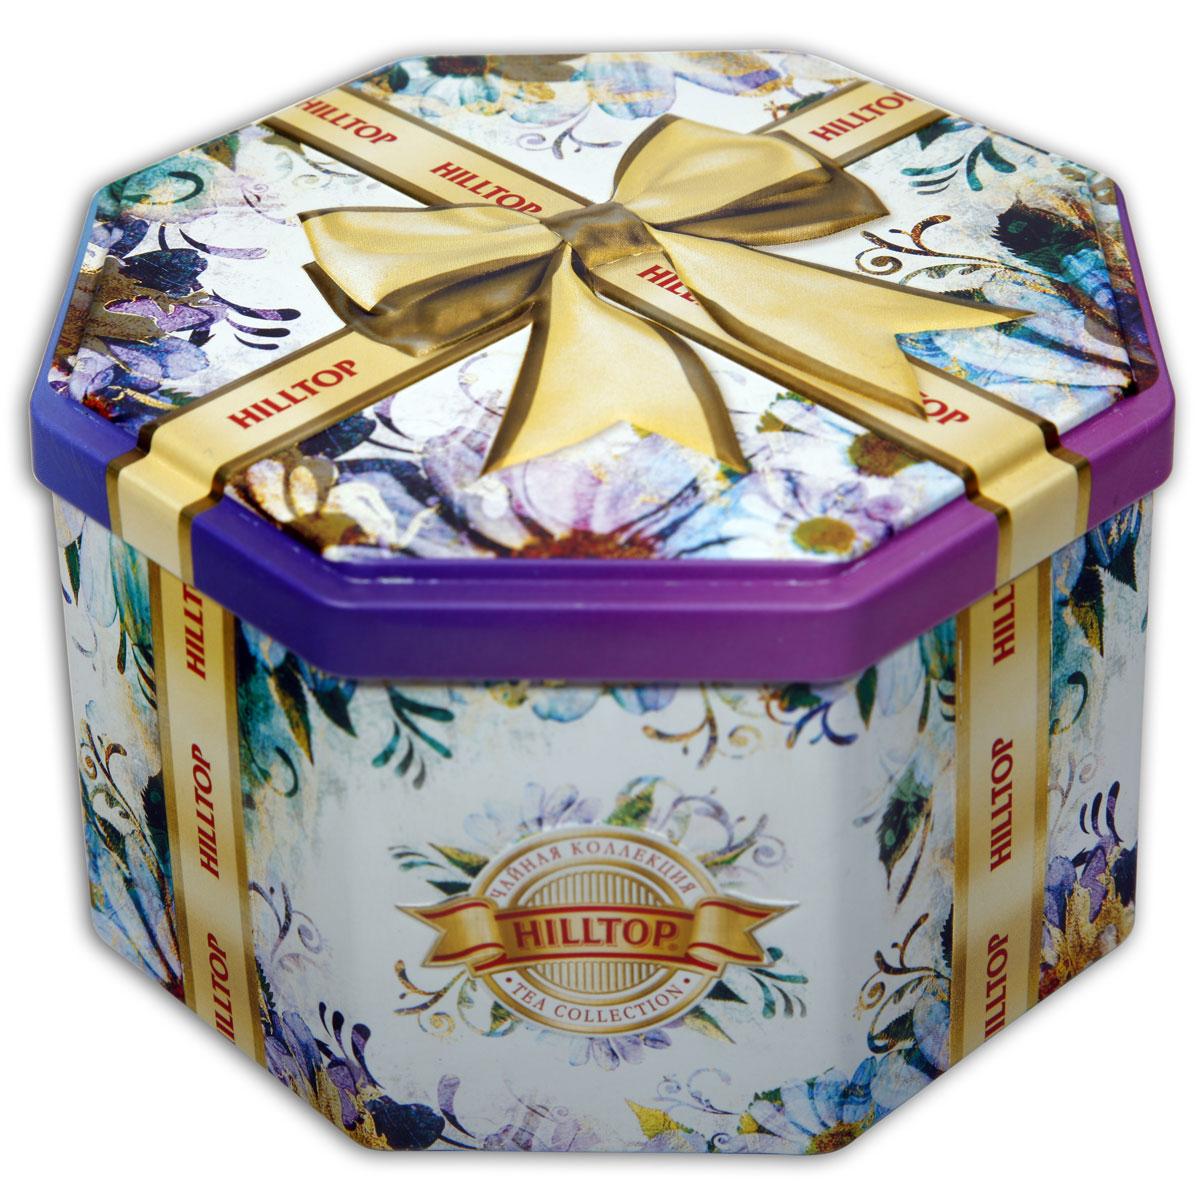 Hilltop Золотой бант ароматизированный листовой чай, 150 г hilltop музыкальный колокольчик снежные узоры молочный оолонг ароматизированный листовой чай 100 г